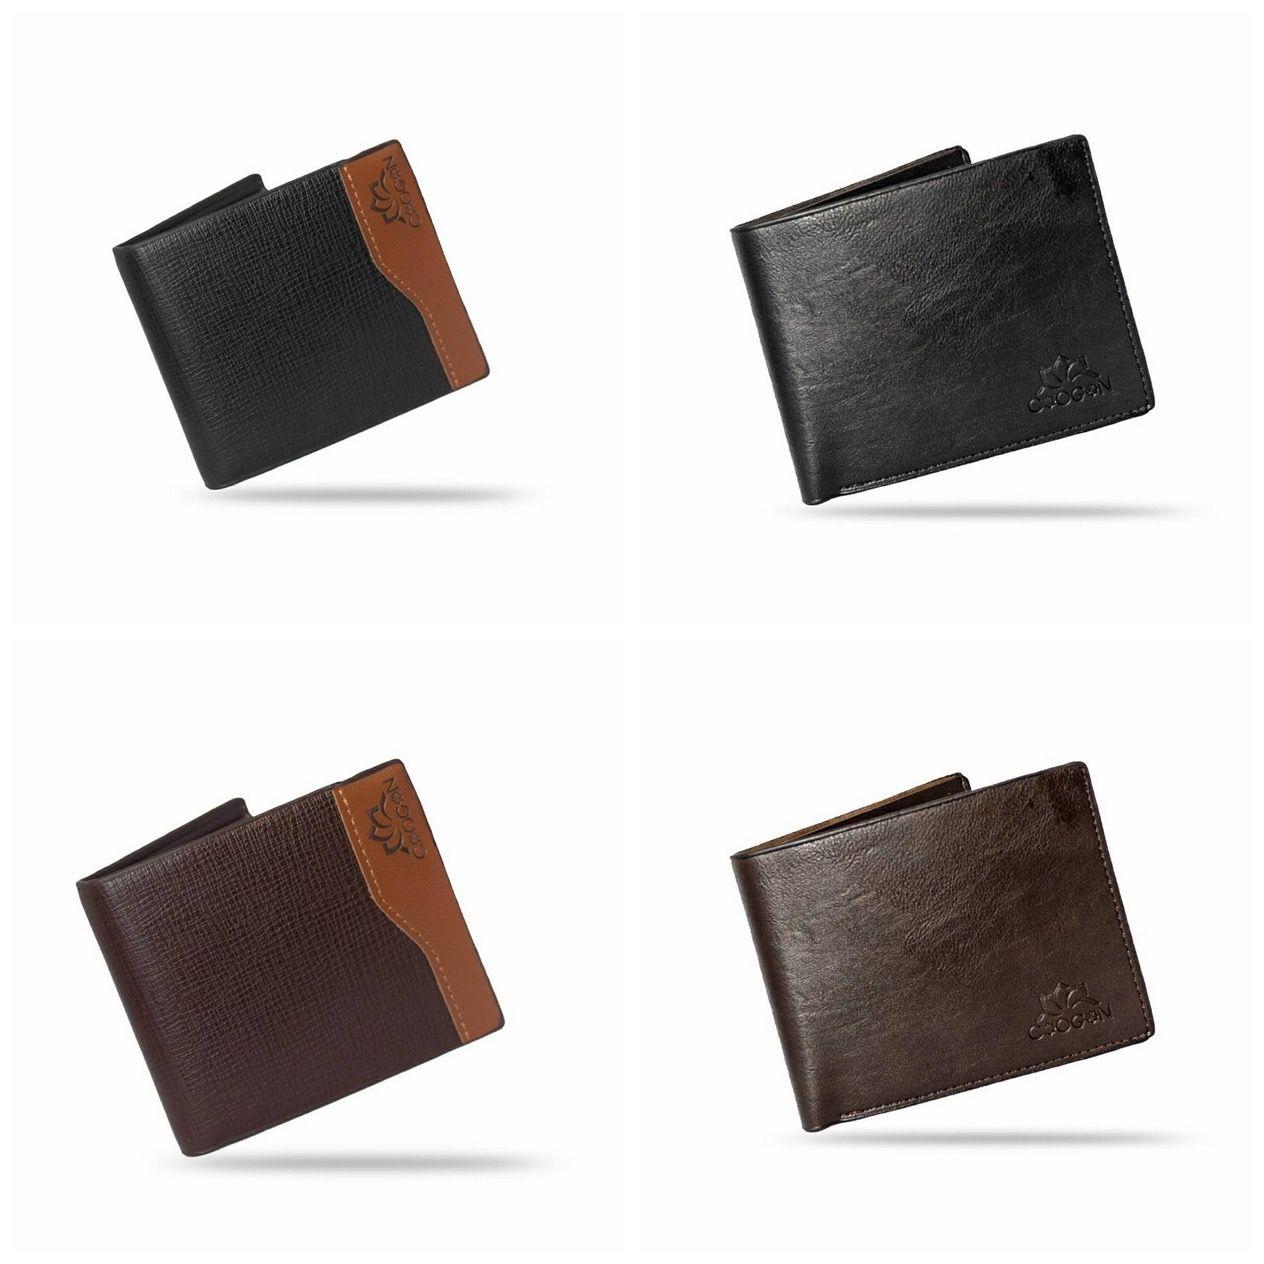 lucentezza adorabile design professionale alta qualità 💁 ♂️NOVITA'! Portafogli UOMO SIMIL PELLE nelle varianti ...